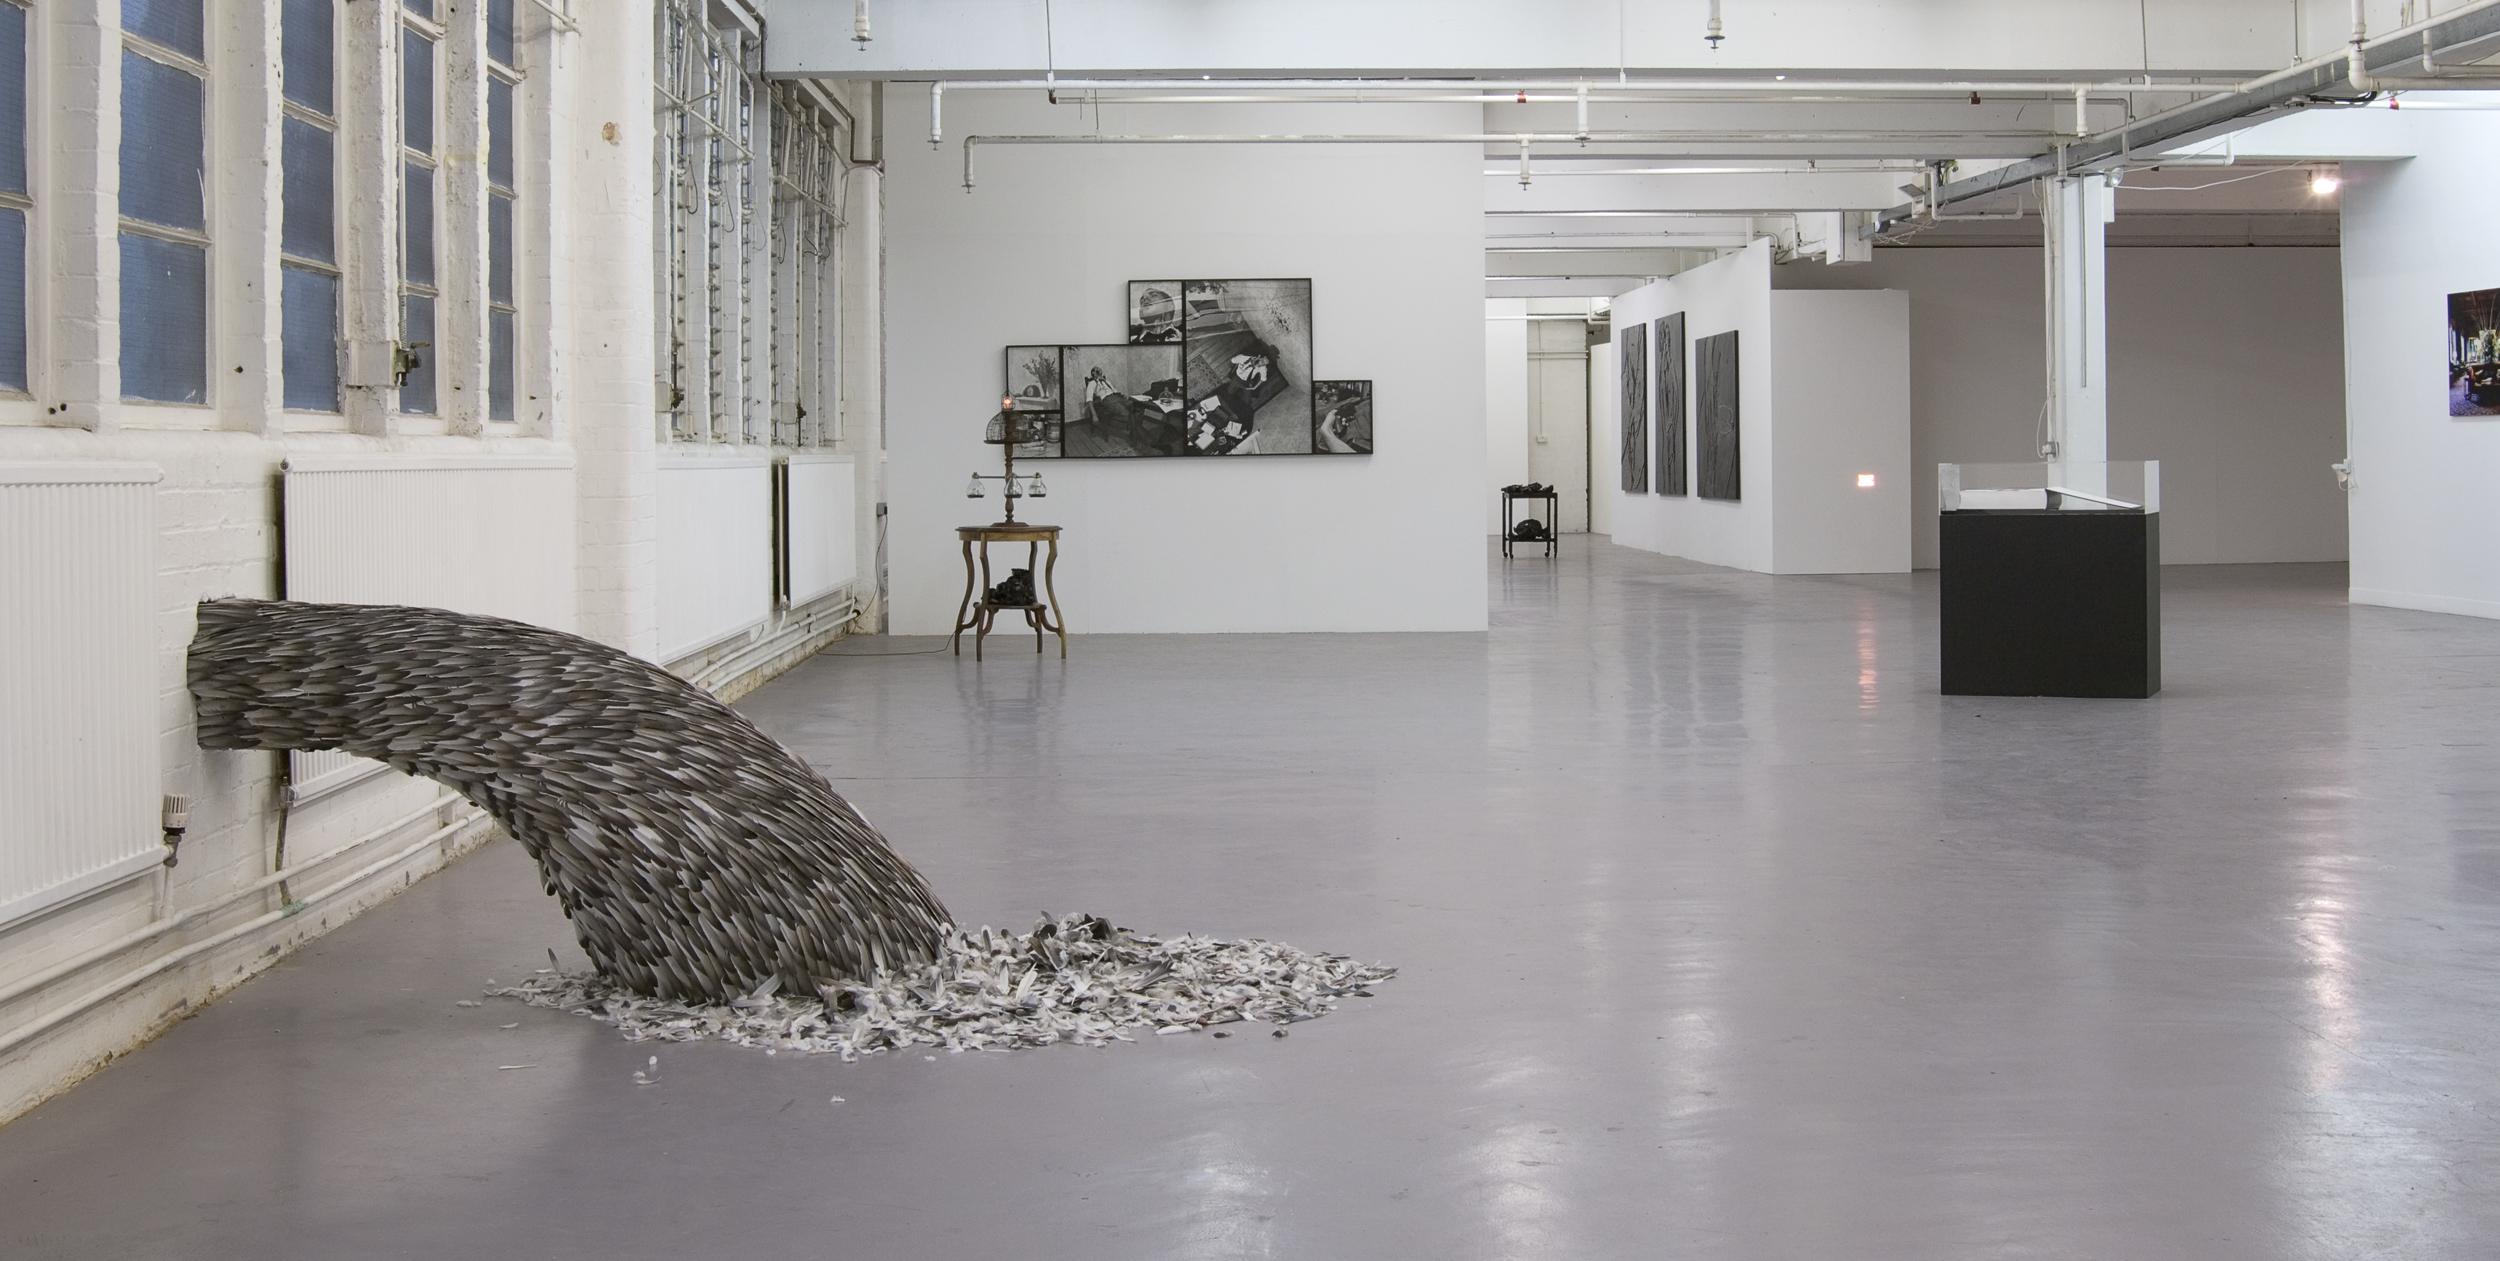 Heave, 2008, Kate MccGwire